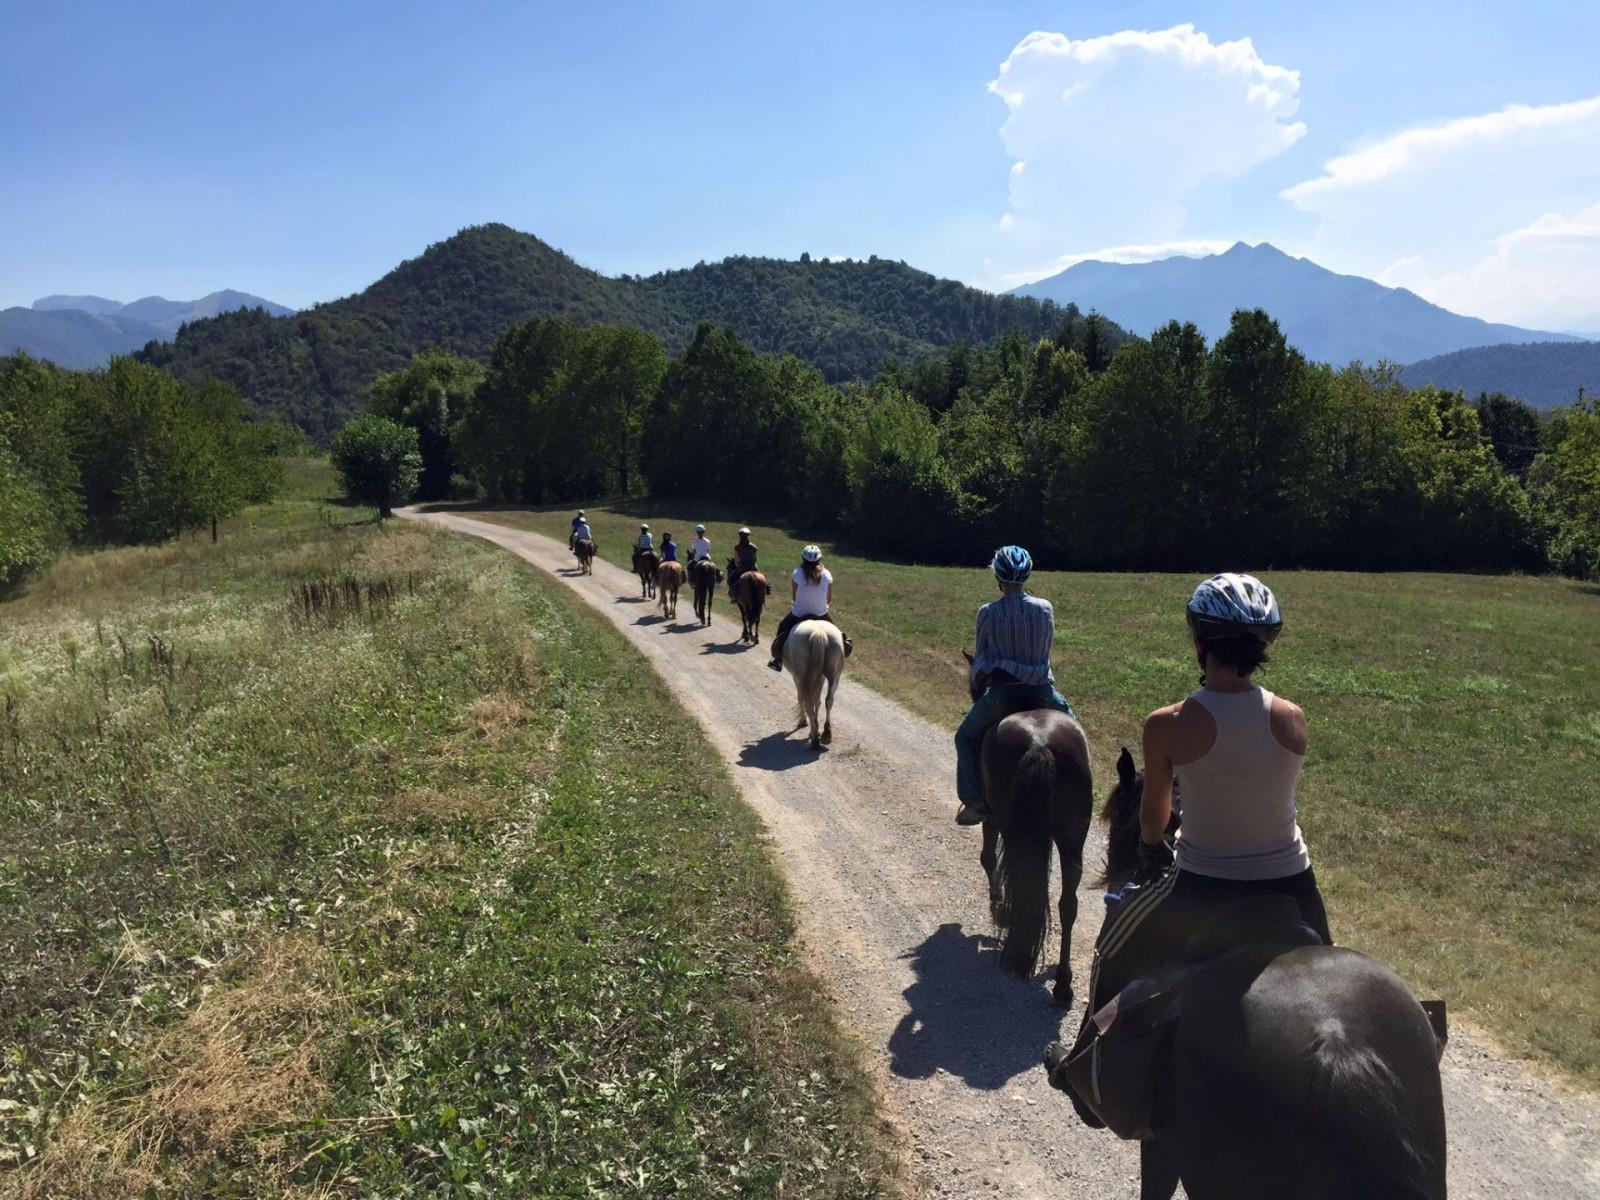 Giornata a cavallo e pic-nic al Lago di Pianfei